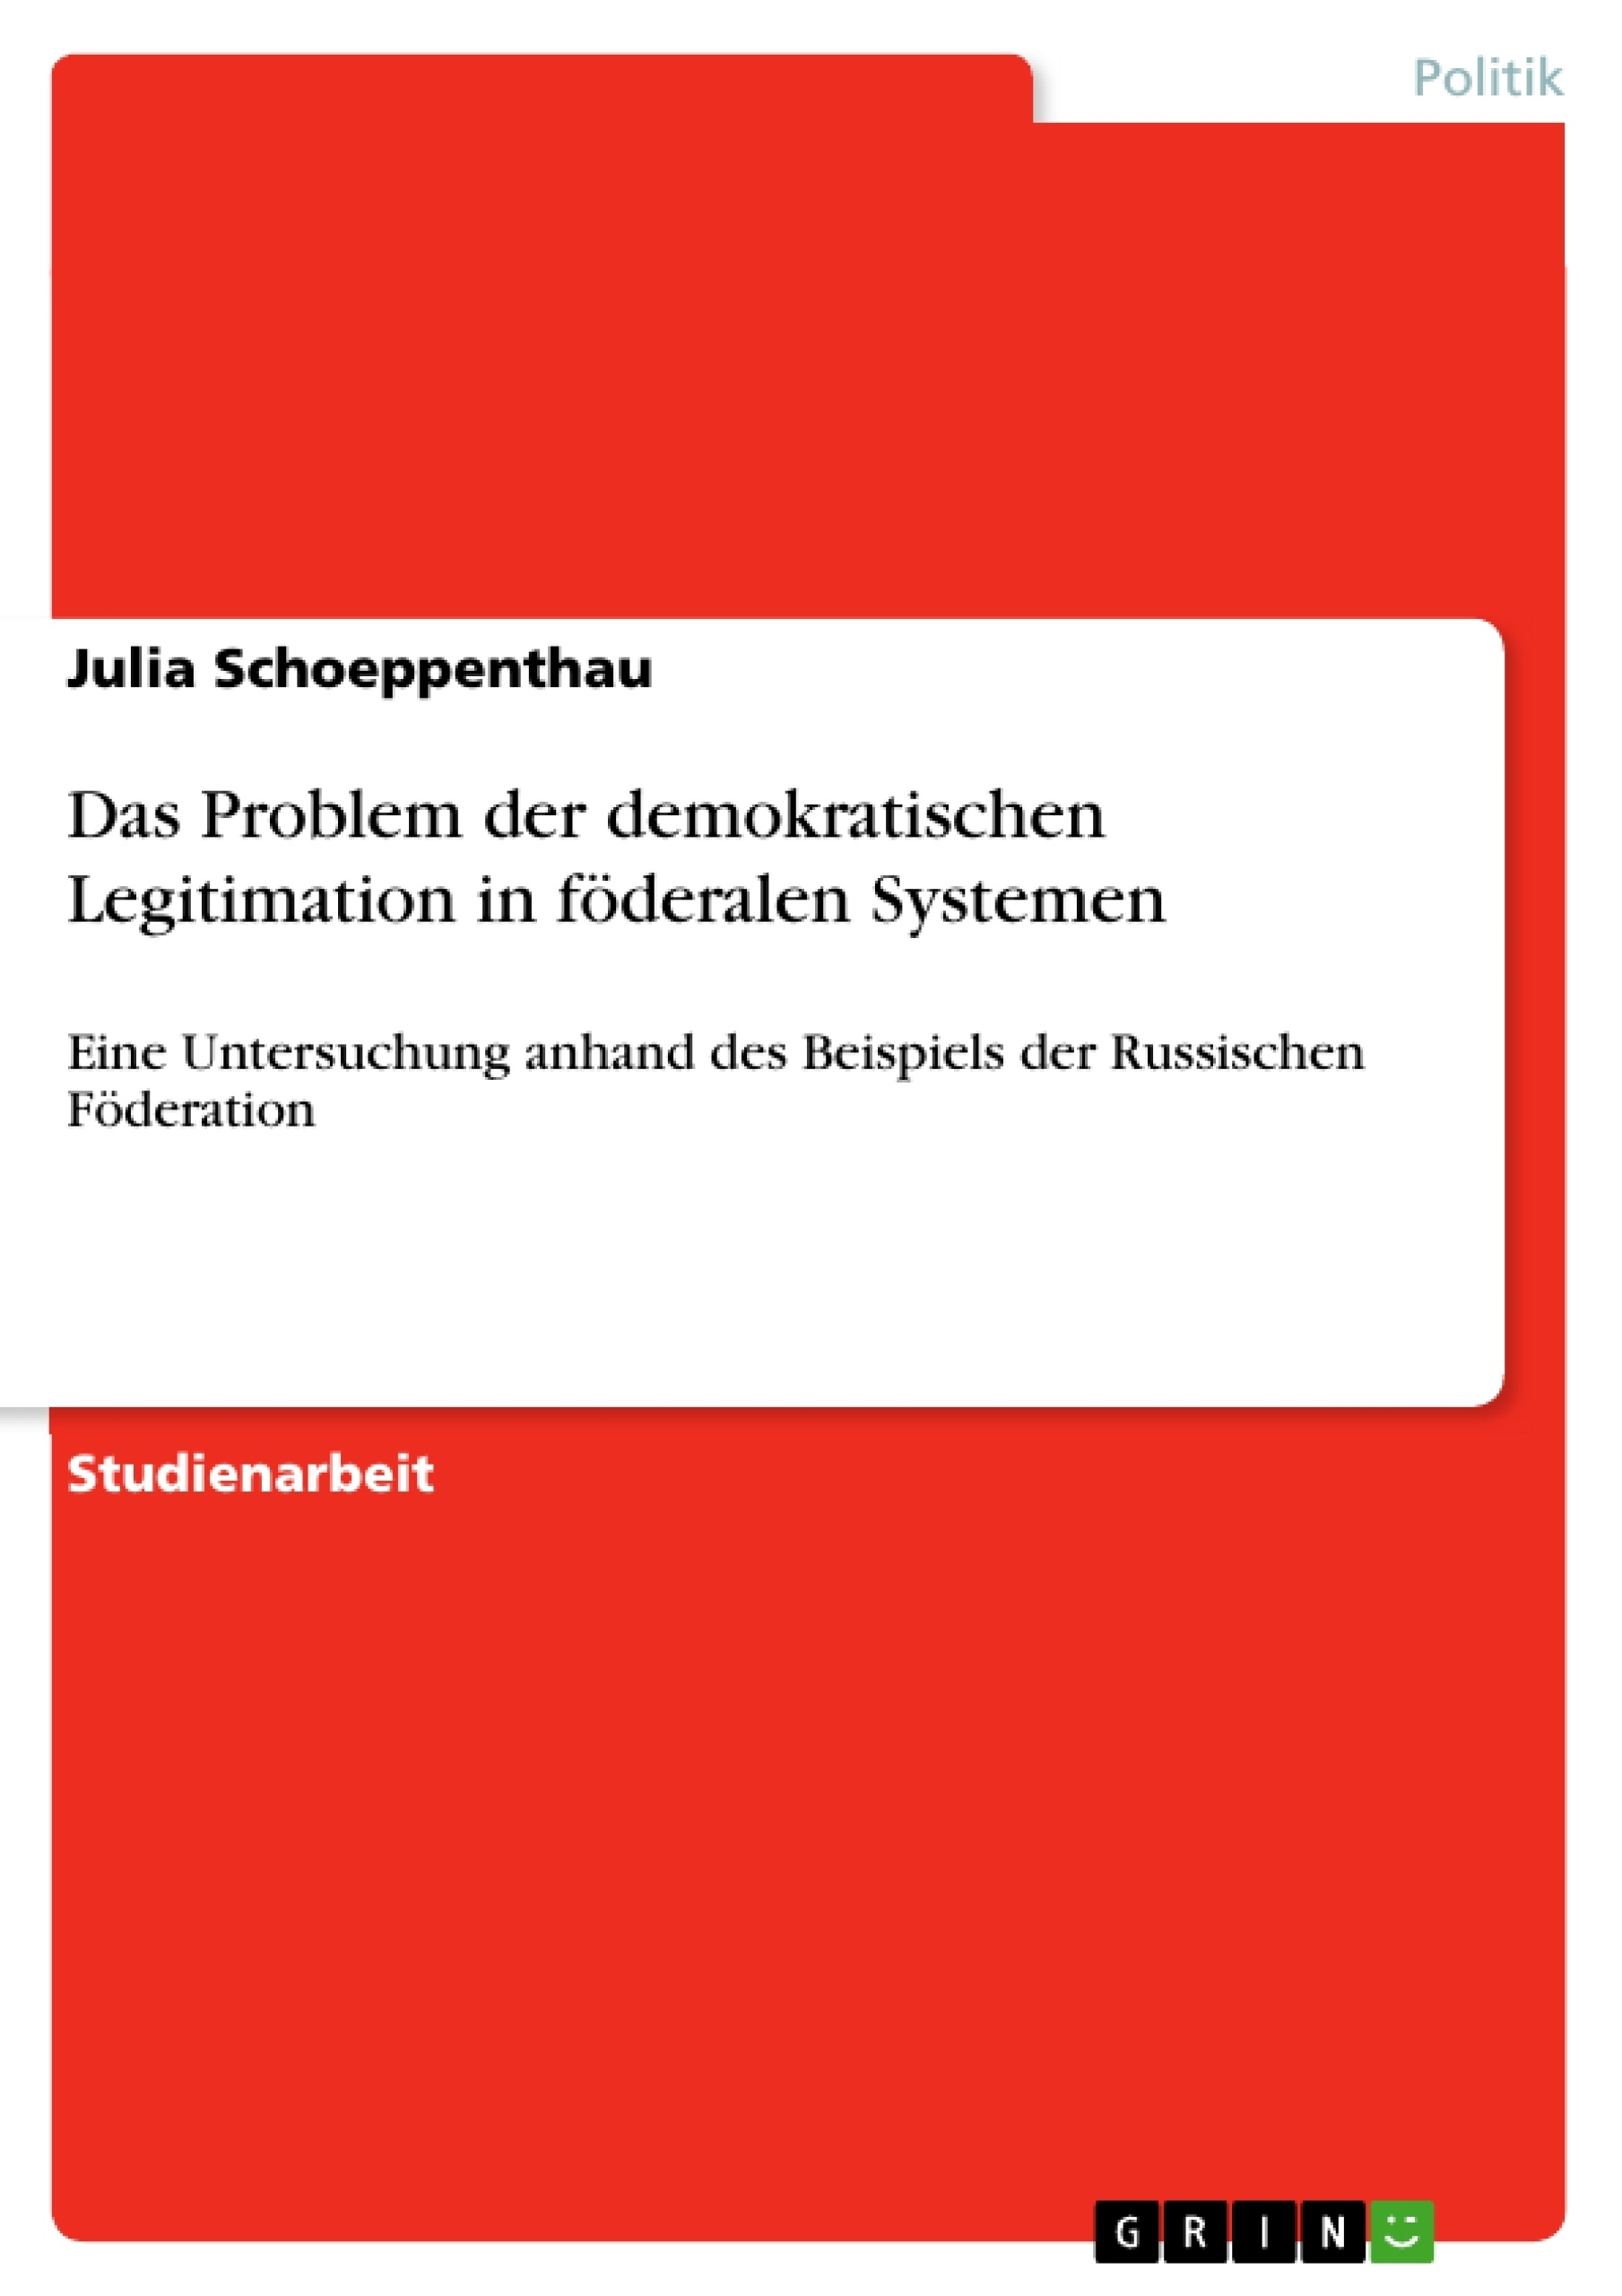 Titel: Das Problem der demokratischen Legitimation in föderalen Systemen